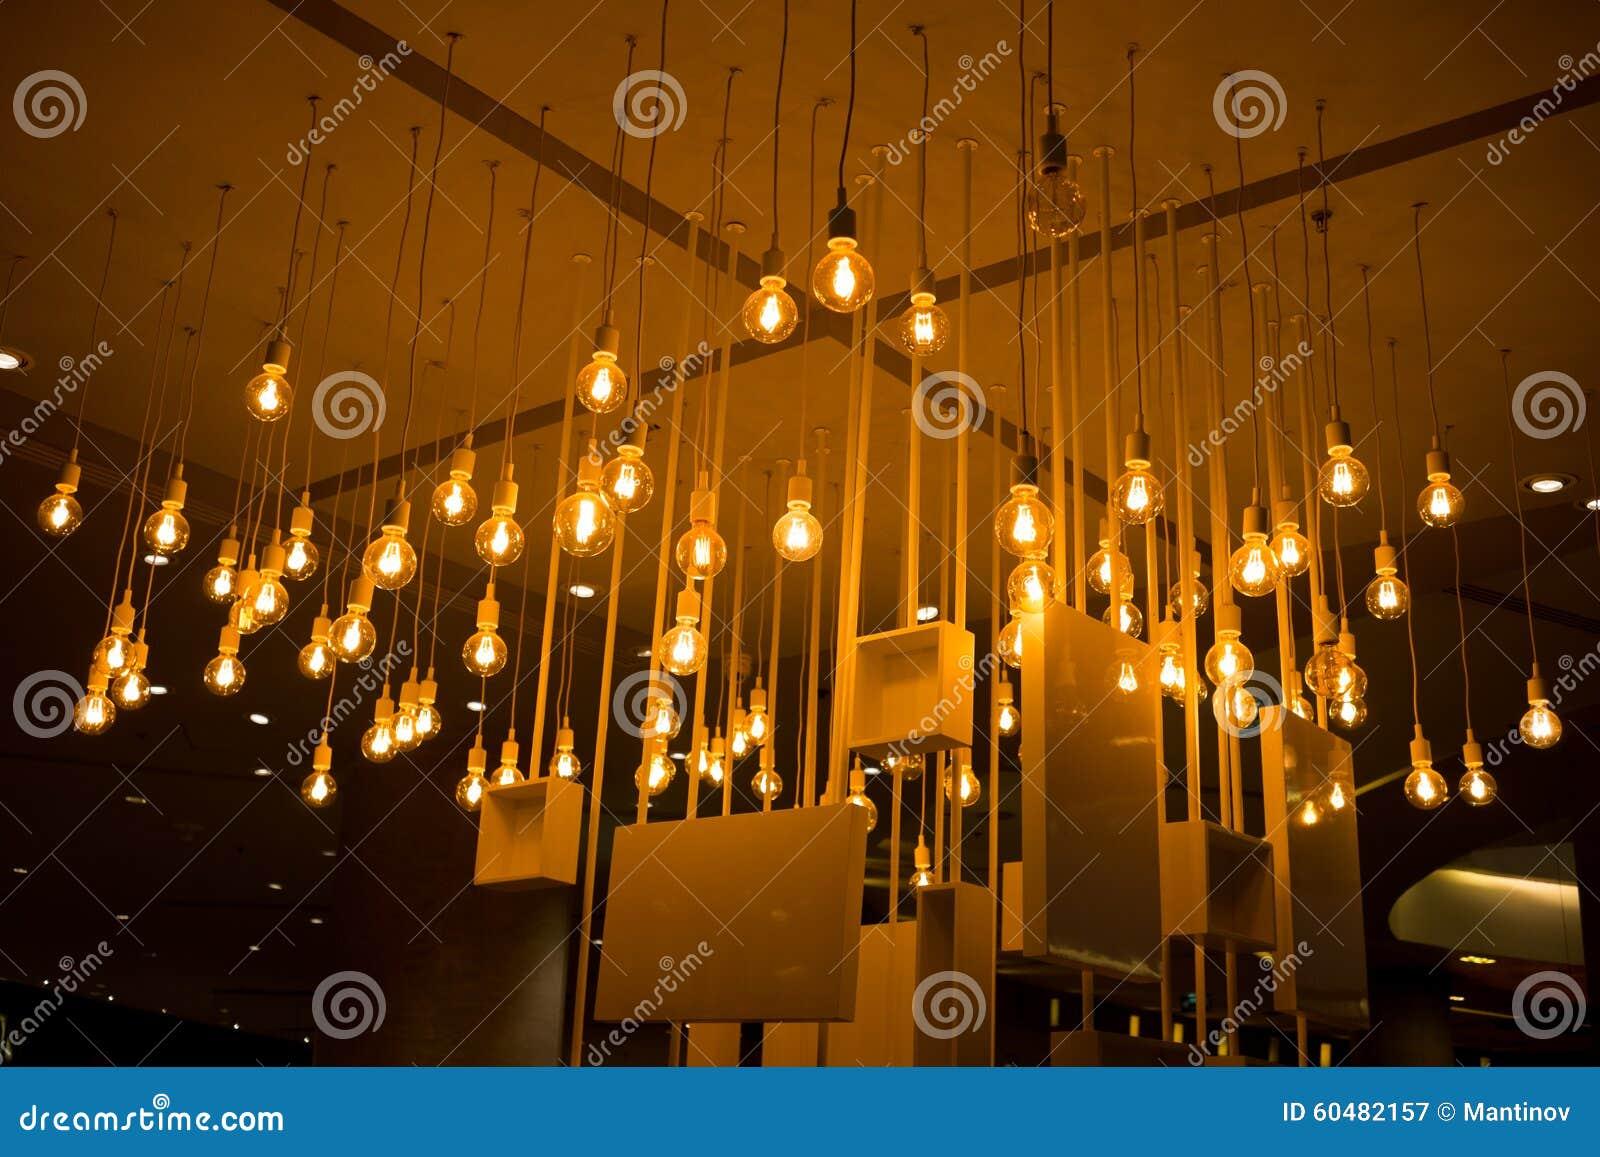 Hangende lampen stock foto's– 360 hangende lampen stock ...